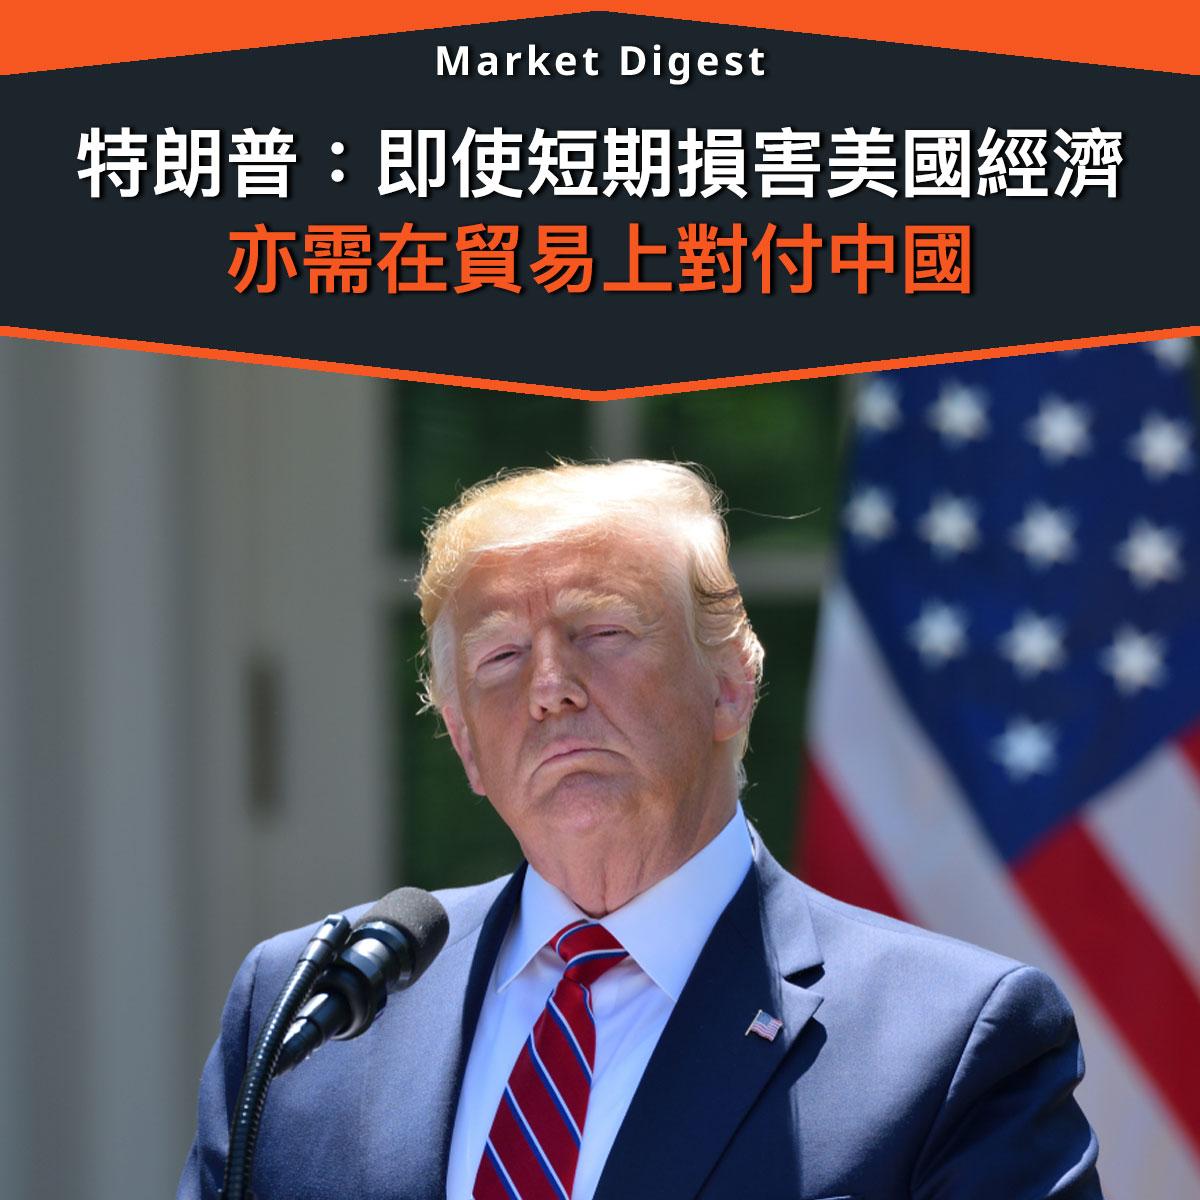 【中美貿戰】特朗普:即使短期損害美國經濟 亦需在貿易上對付中國